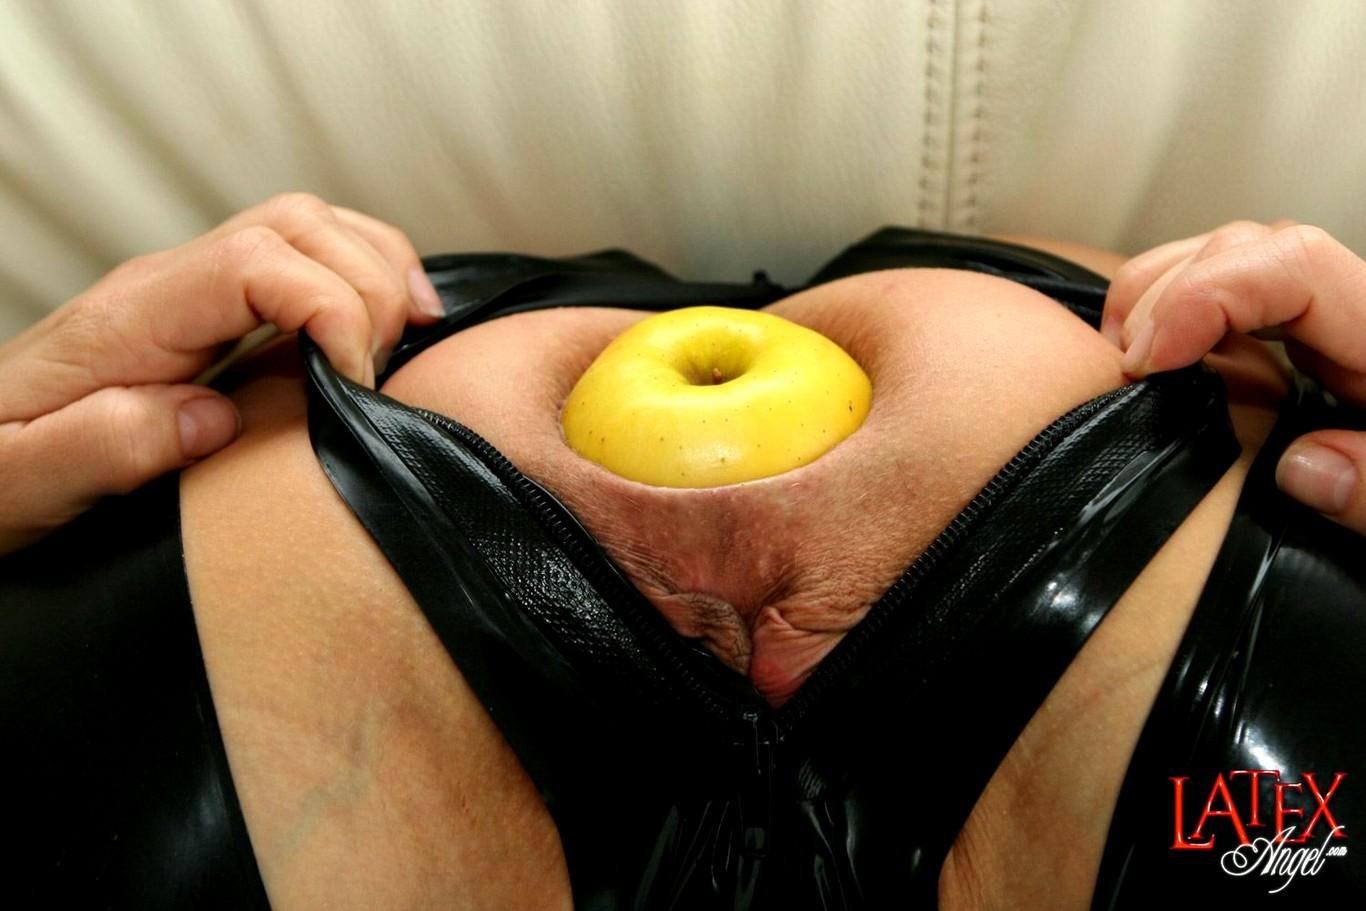 Яблоко в анале фото